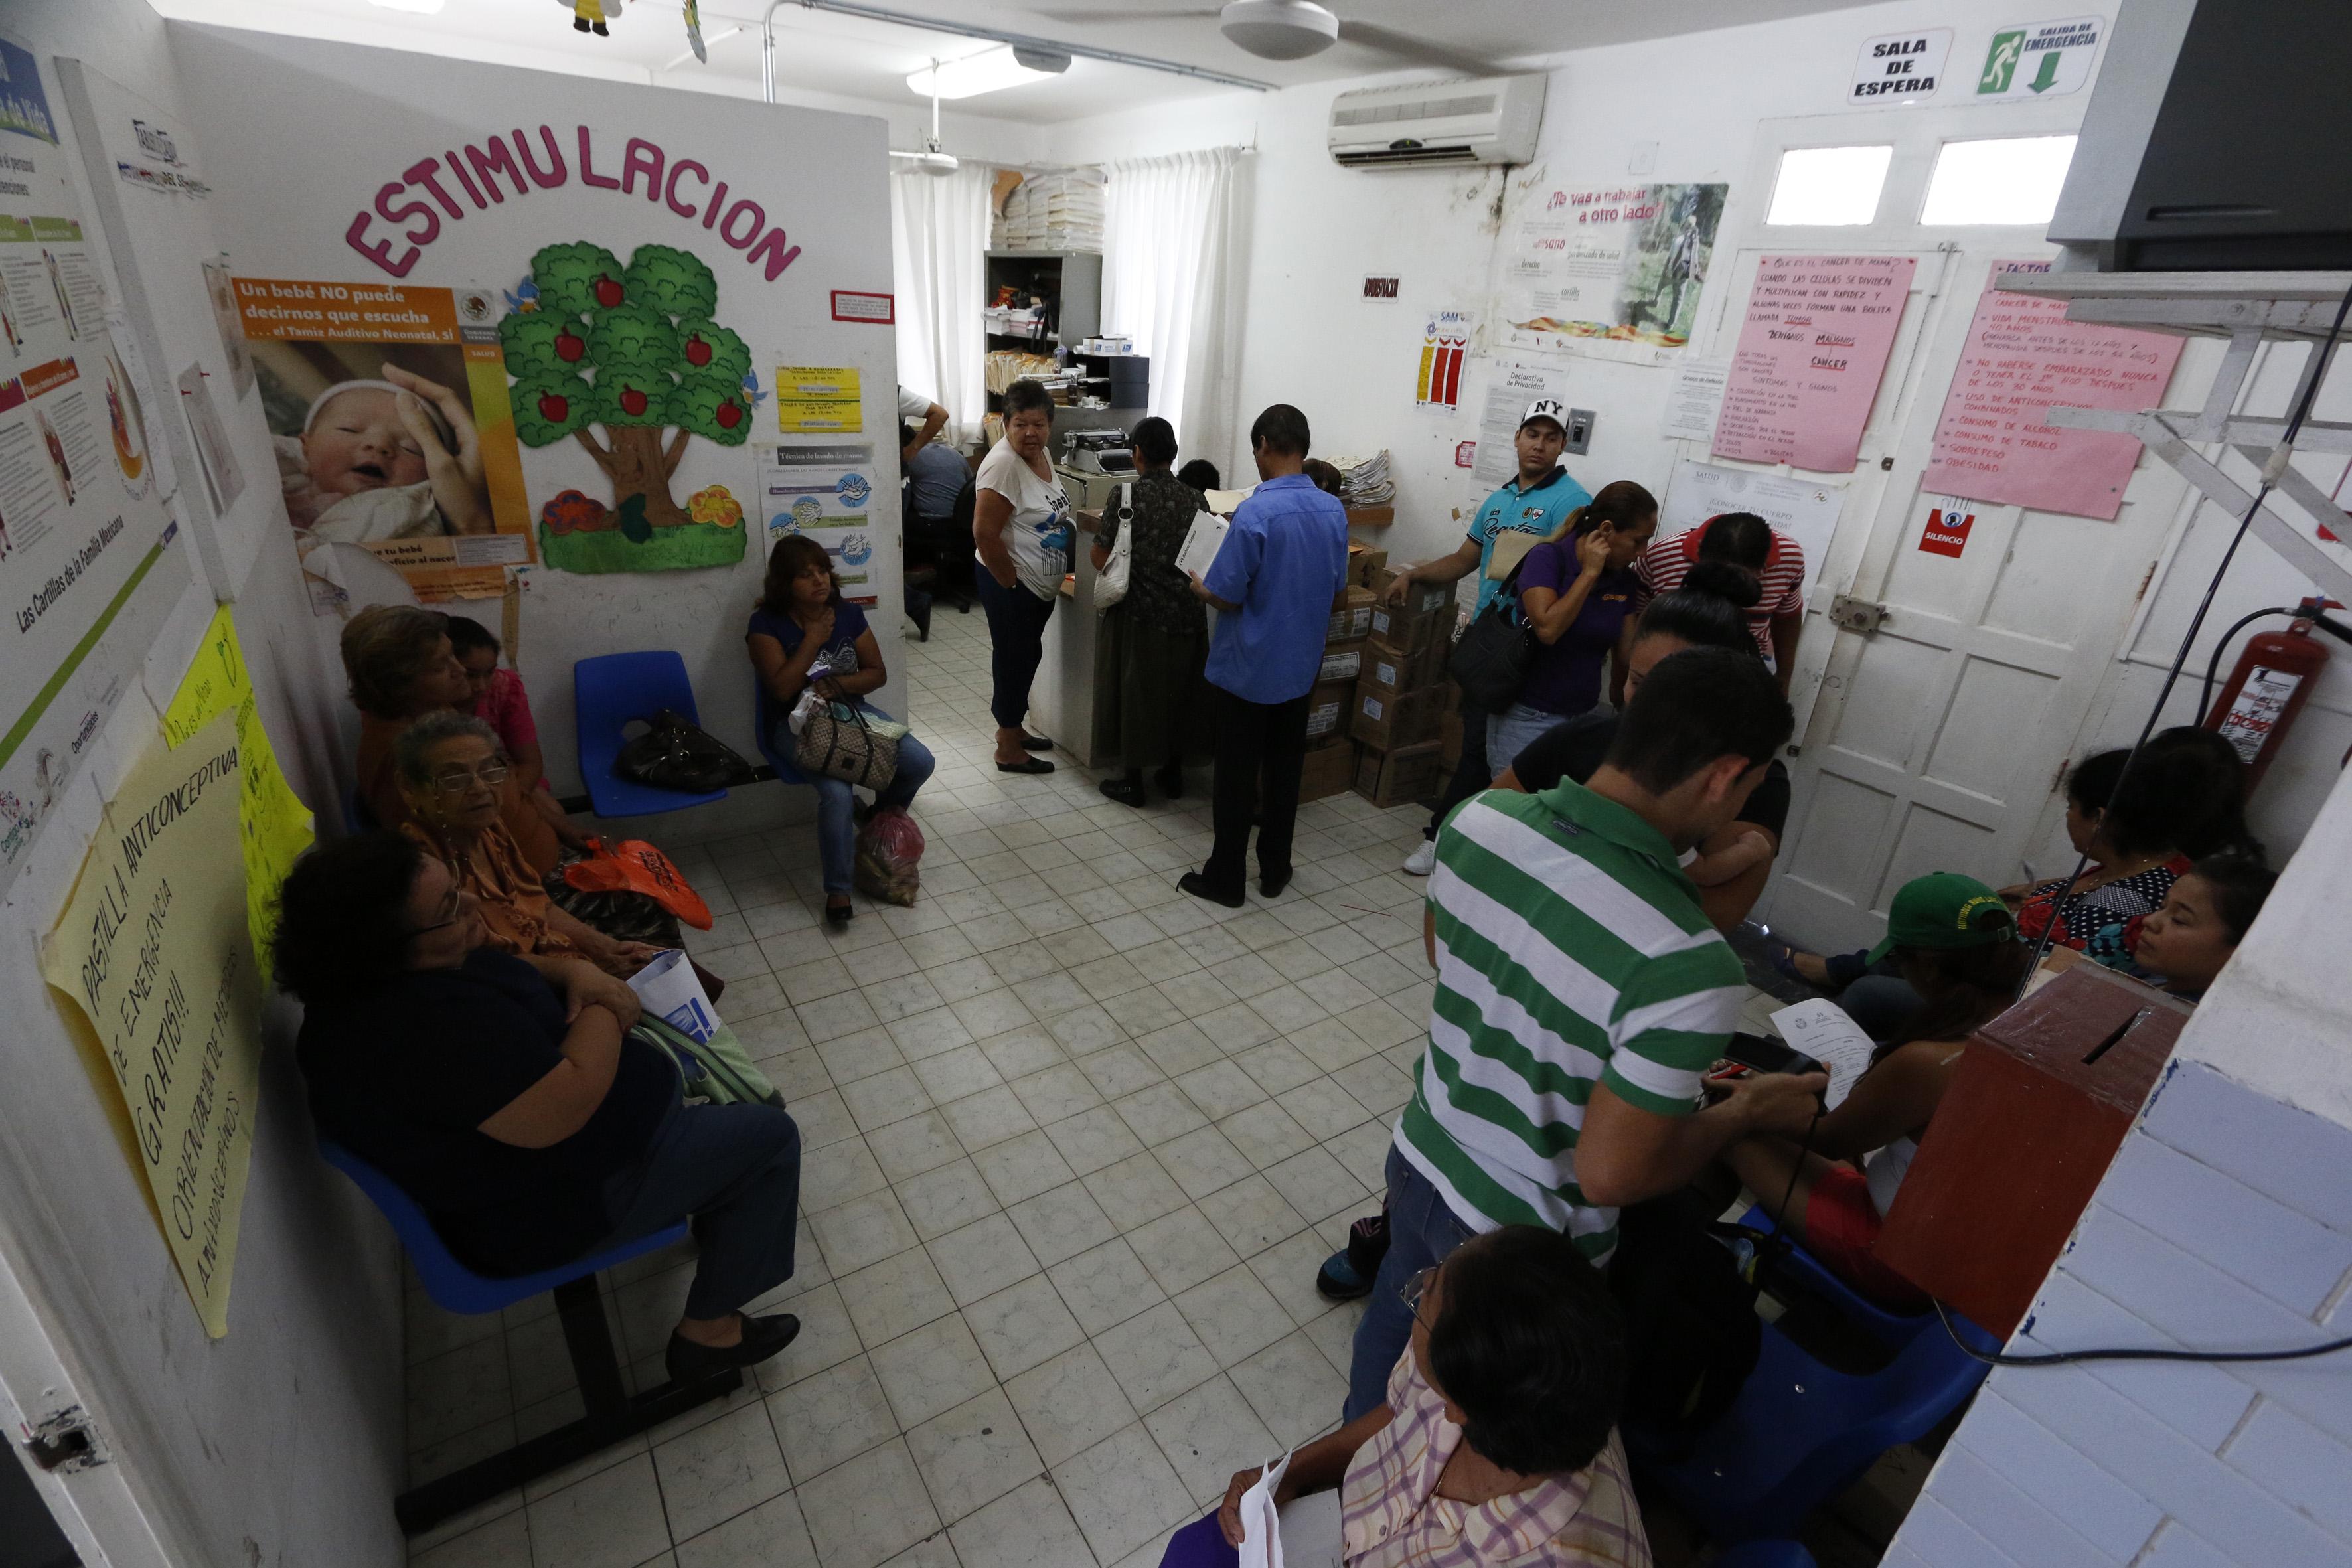 Mayoría de quejas contra la Secretaría de Salud se presentan por negligencias: CEDH